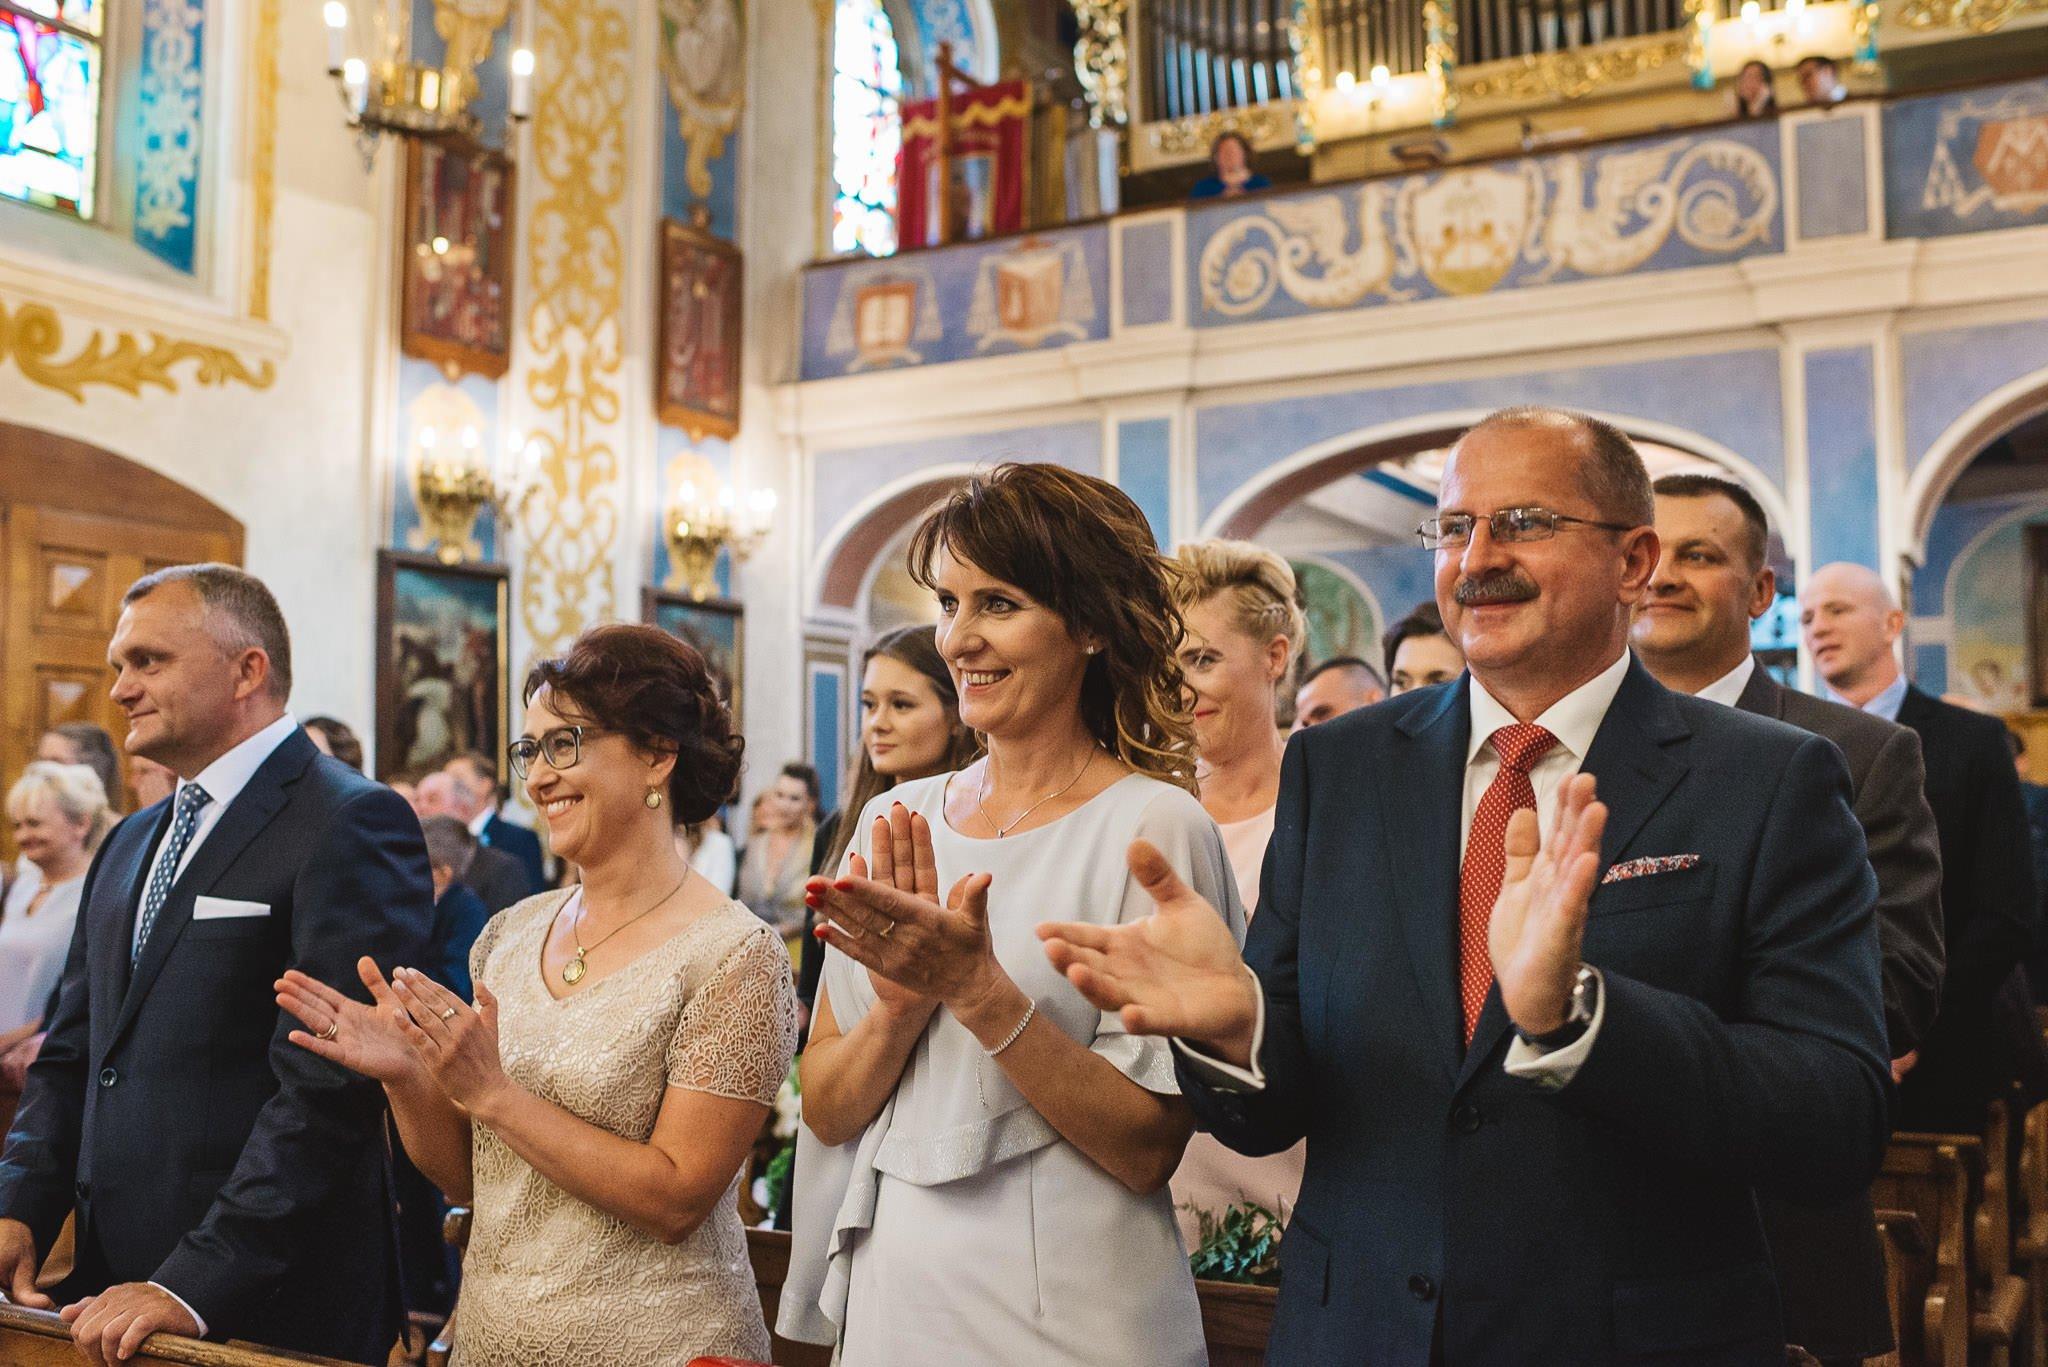 Monika i Michał, wesele w Paryżu i sesja plenerowa w stadninie koni w Czołowie 130